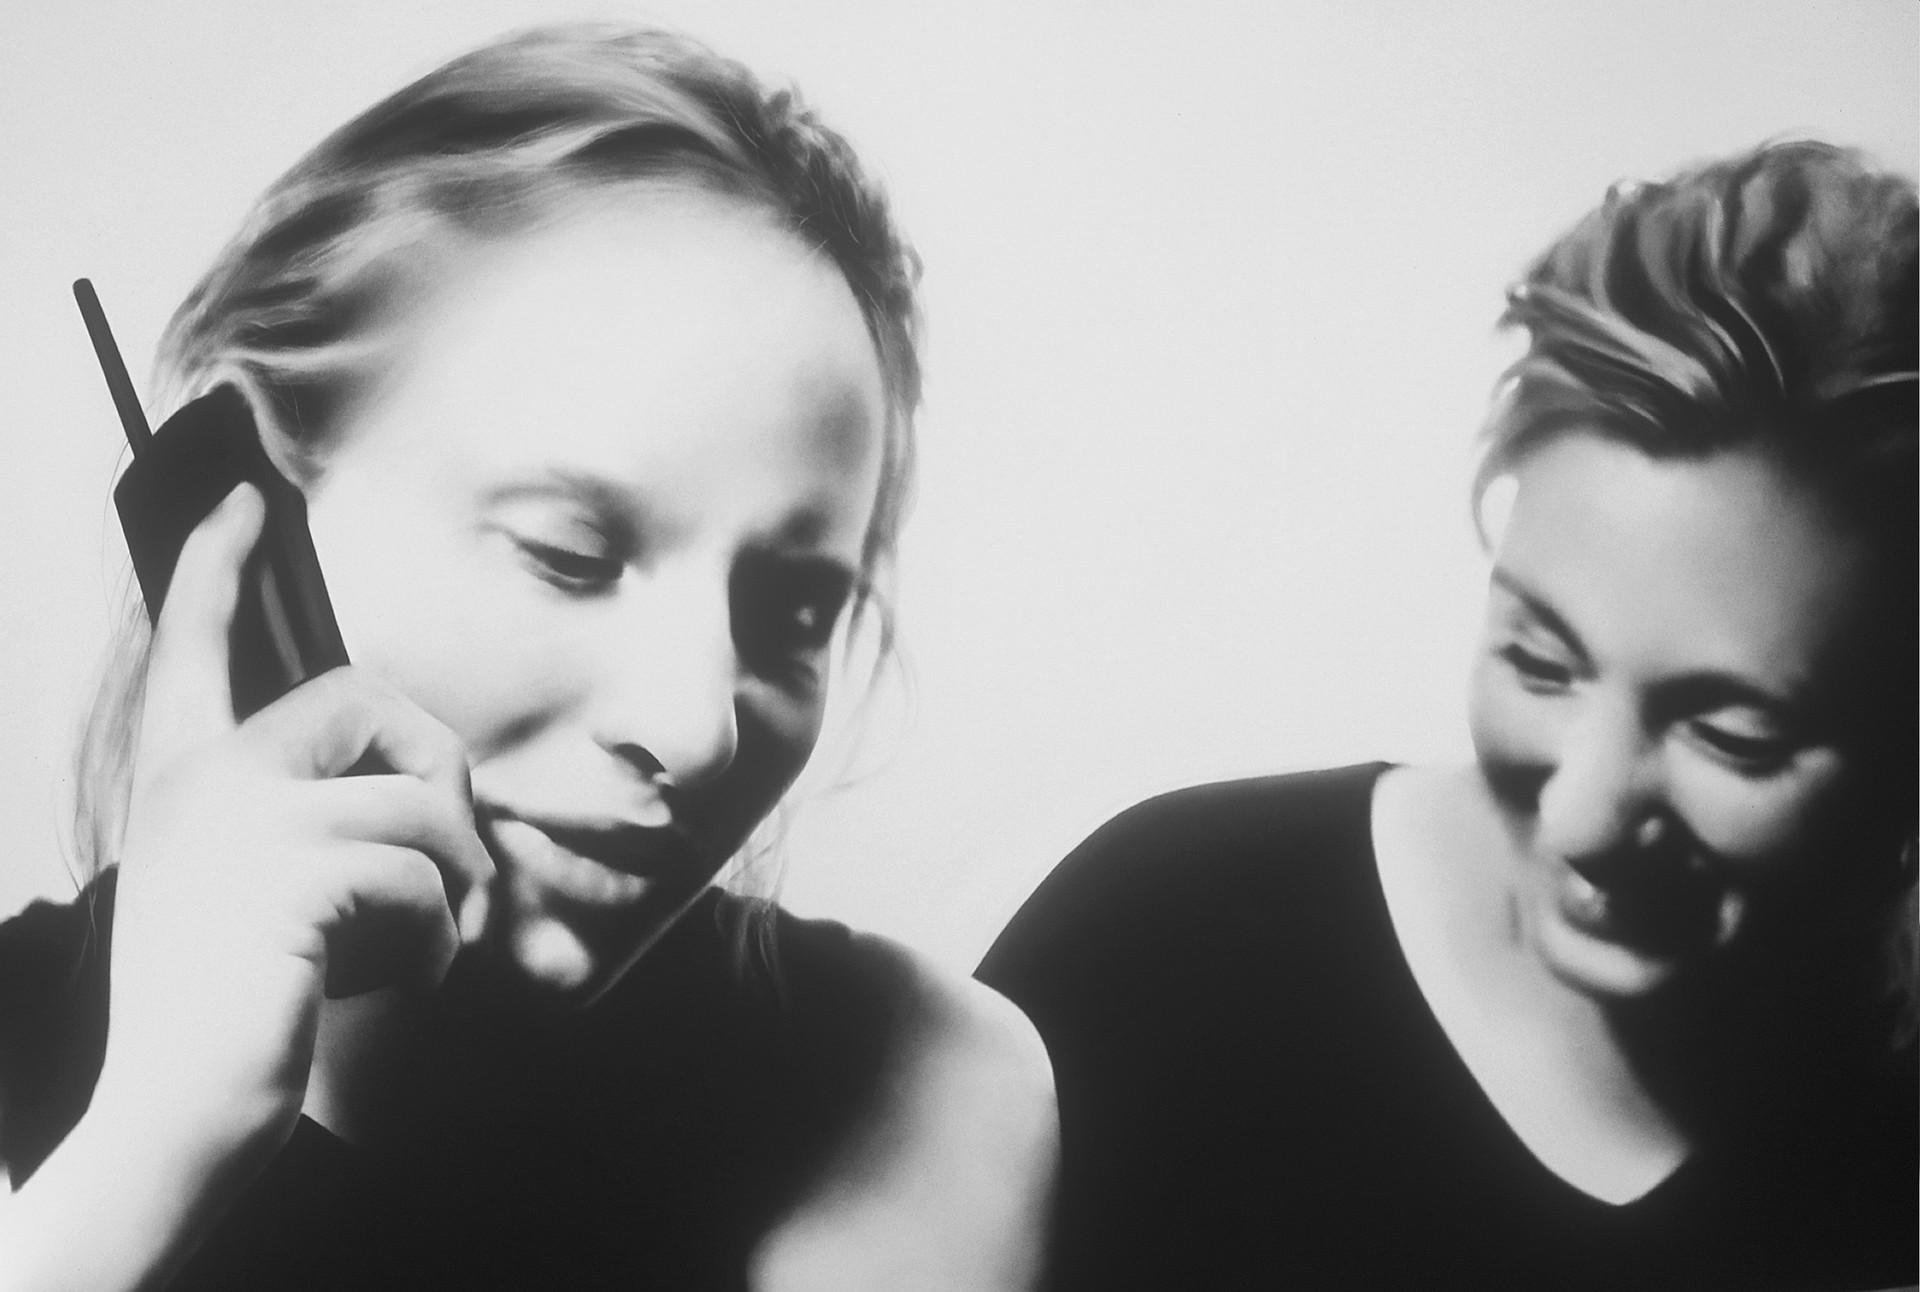 Sarah and Dena